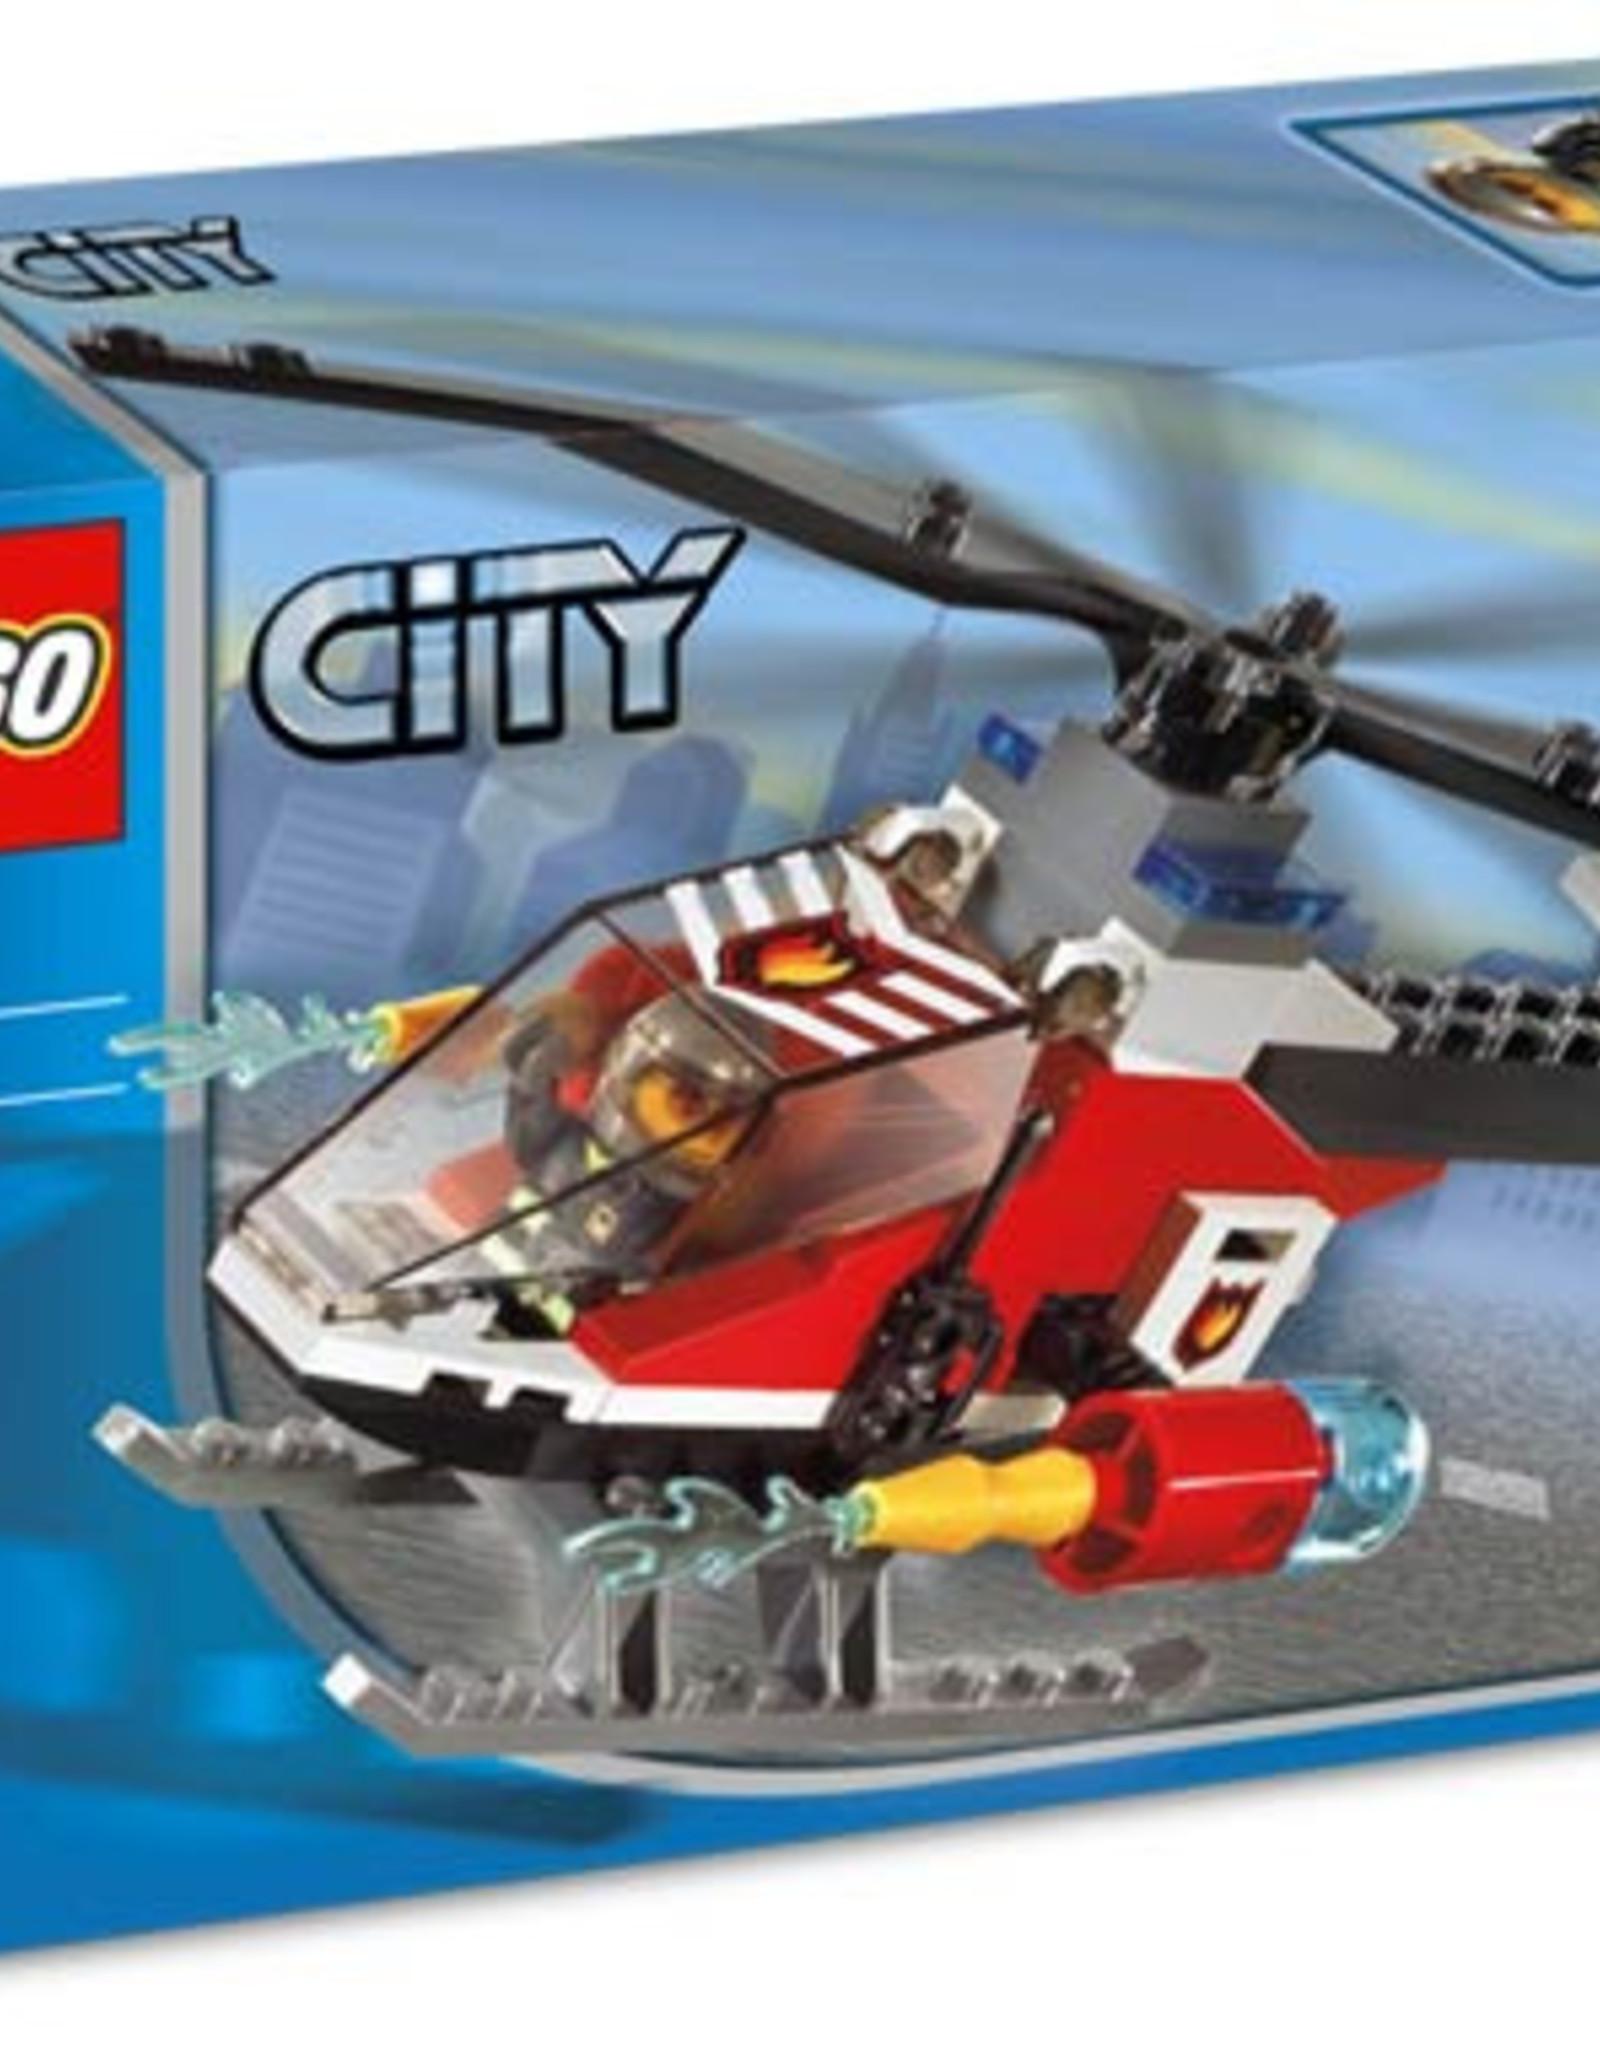 LEGO LEGO 7238 Brandweer helicopter CITY